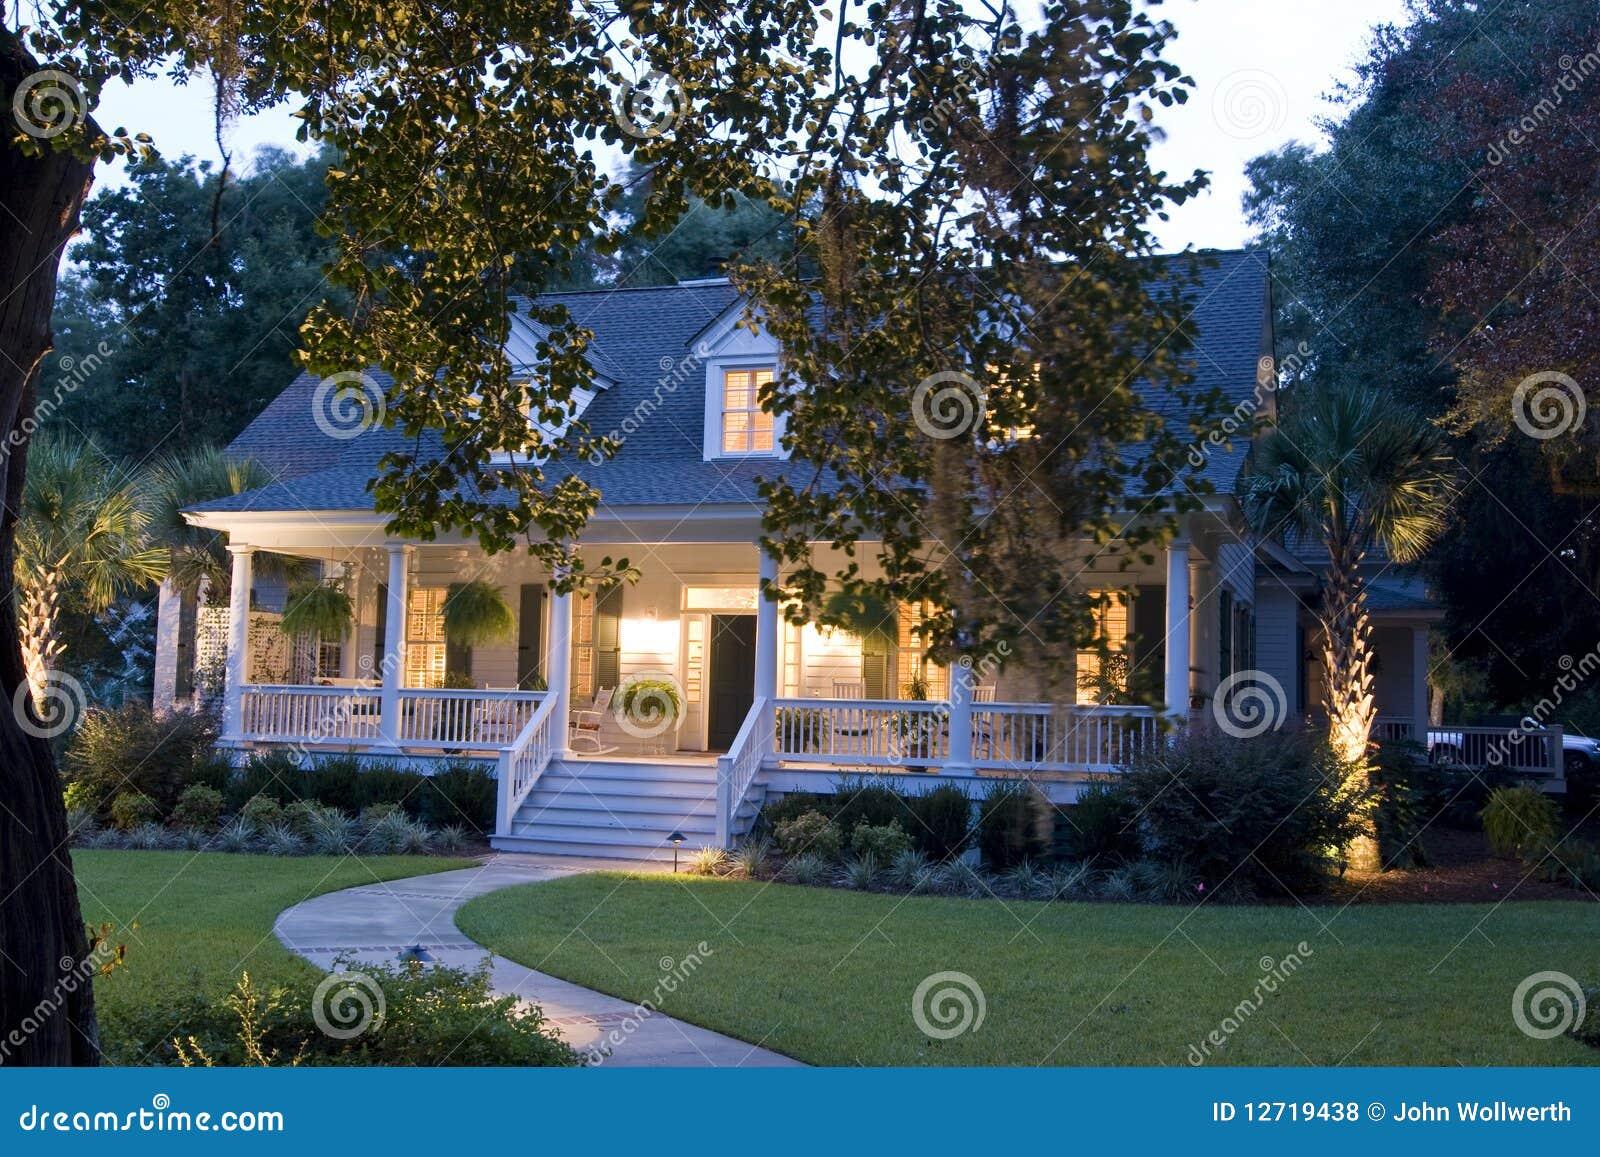 Casa del capo cod fotografie stock libere da diritti for Casa del merluzzo del capo con portico